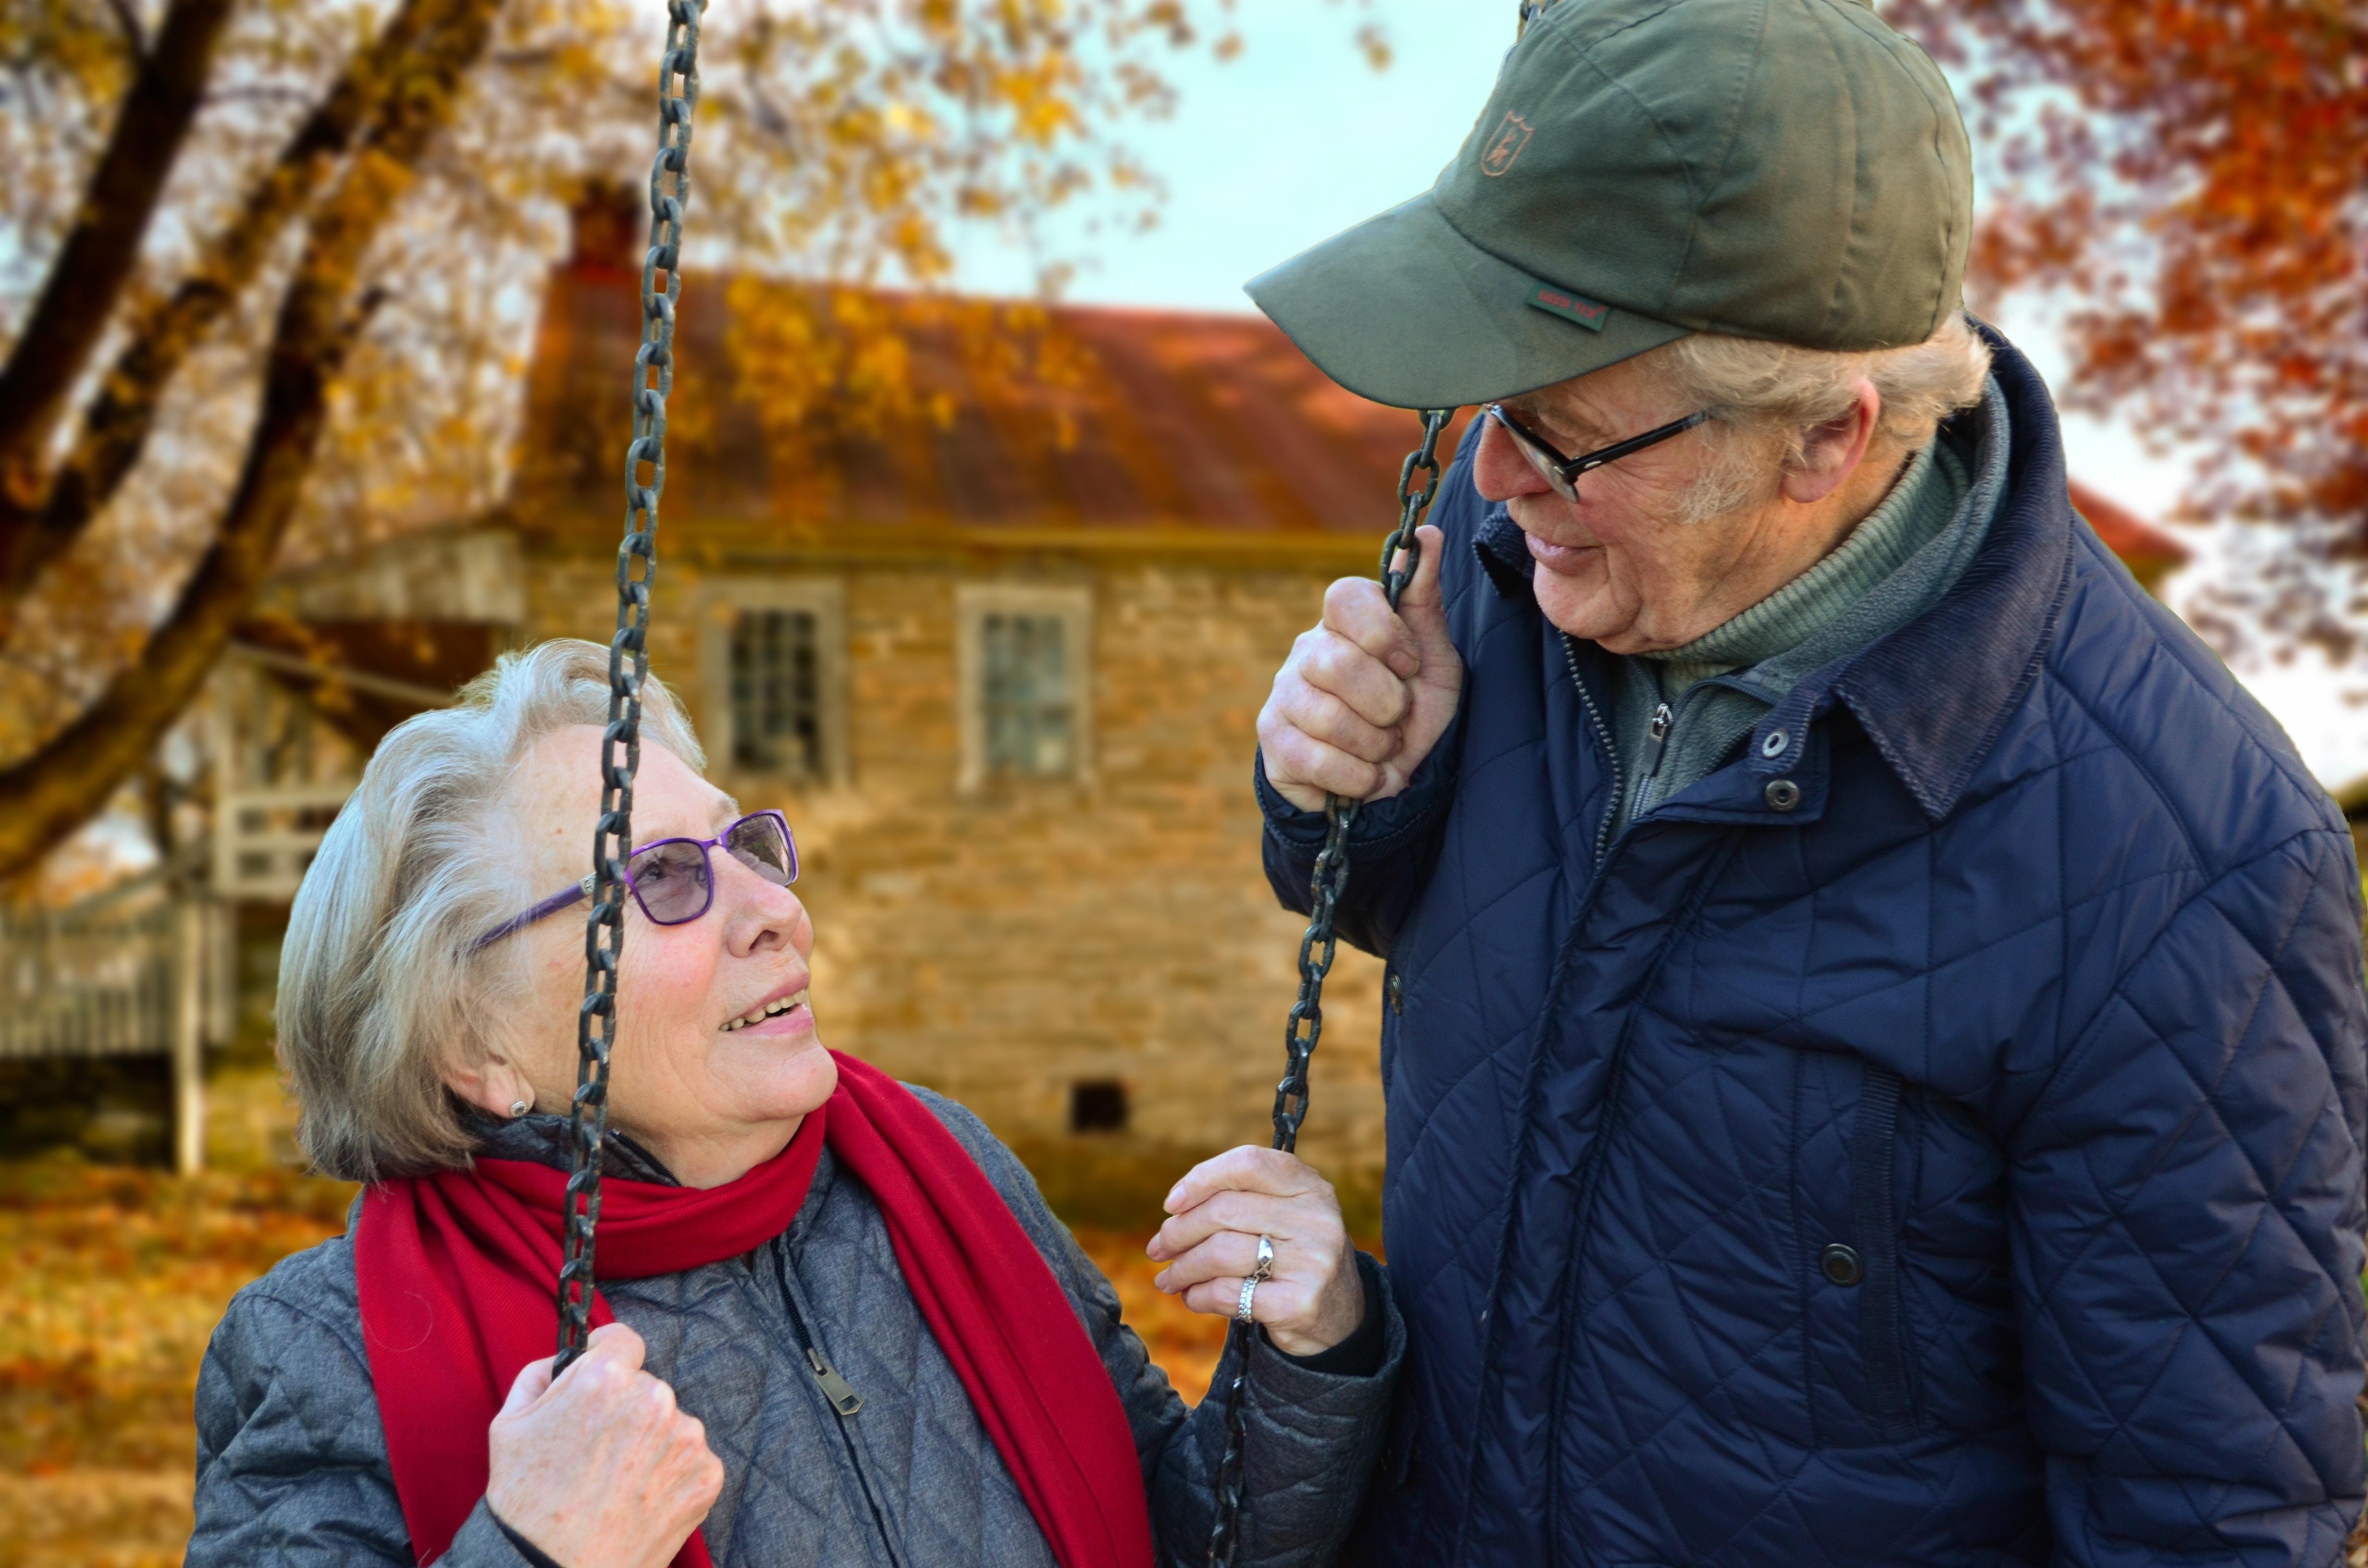 Serviço Nacional de Saúde da Inglaterra promove projeto para acabar com a solidão 1